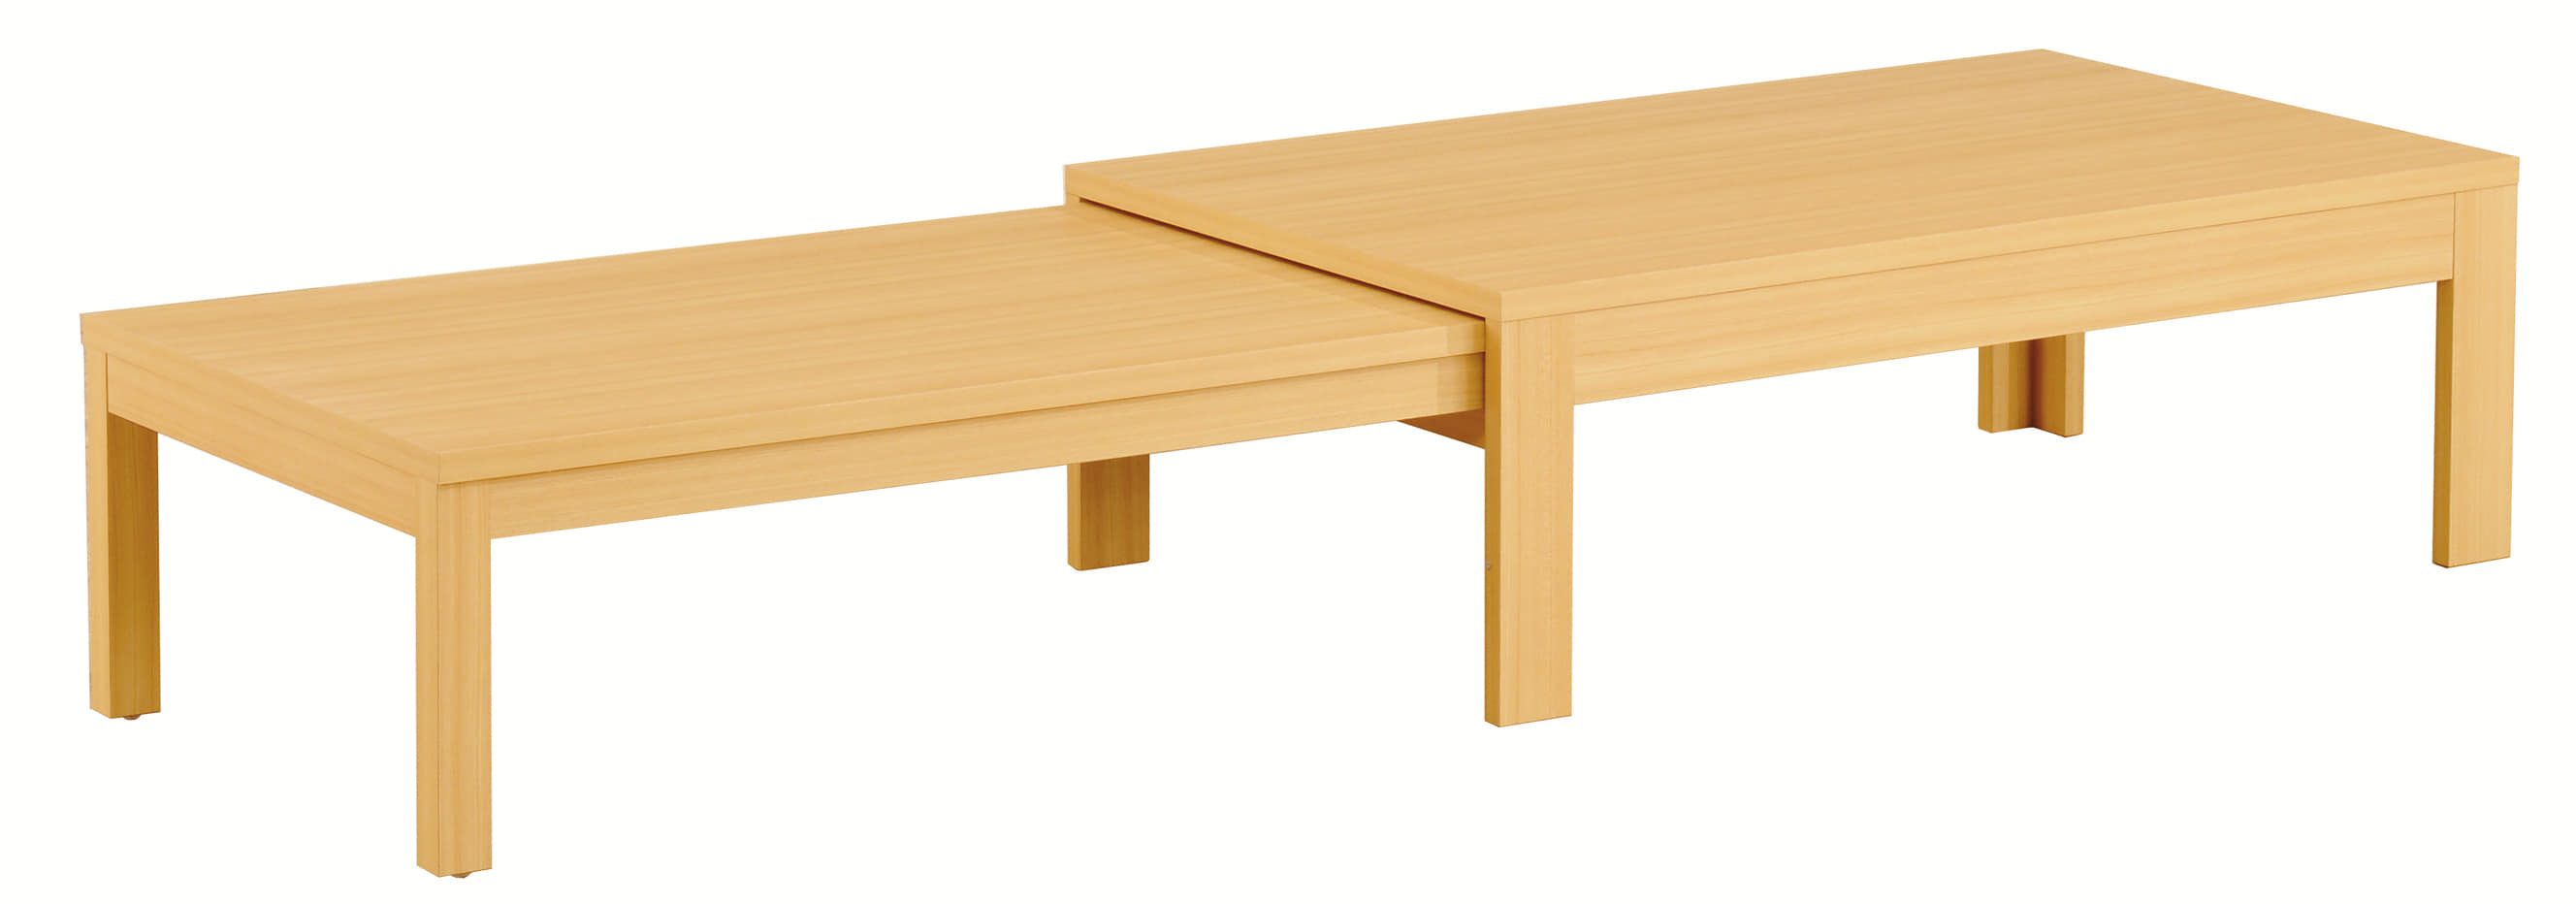 リビングテーブル ロングN 120×75 NA:《伸長式のリビングテーブル「ロングN」》